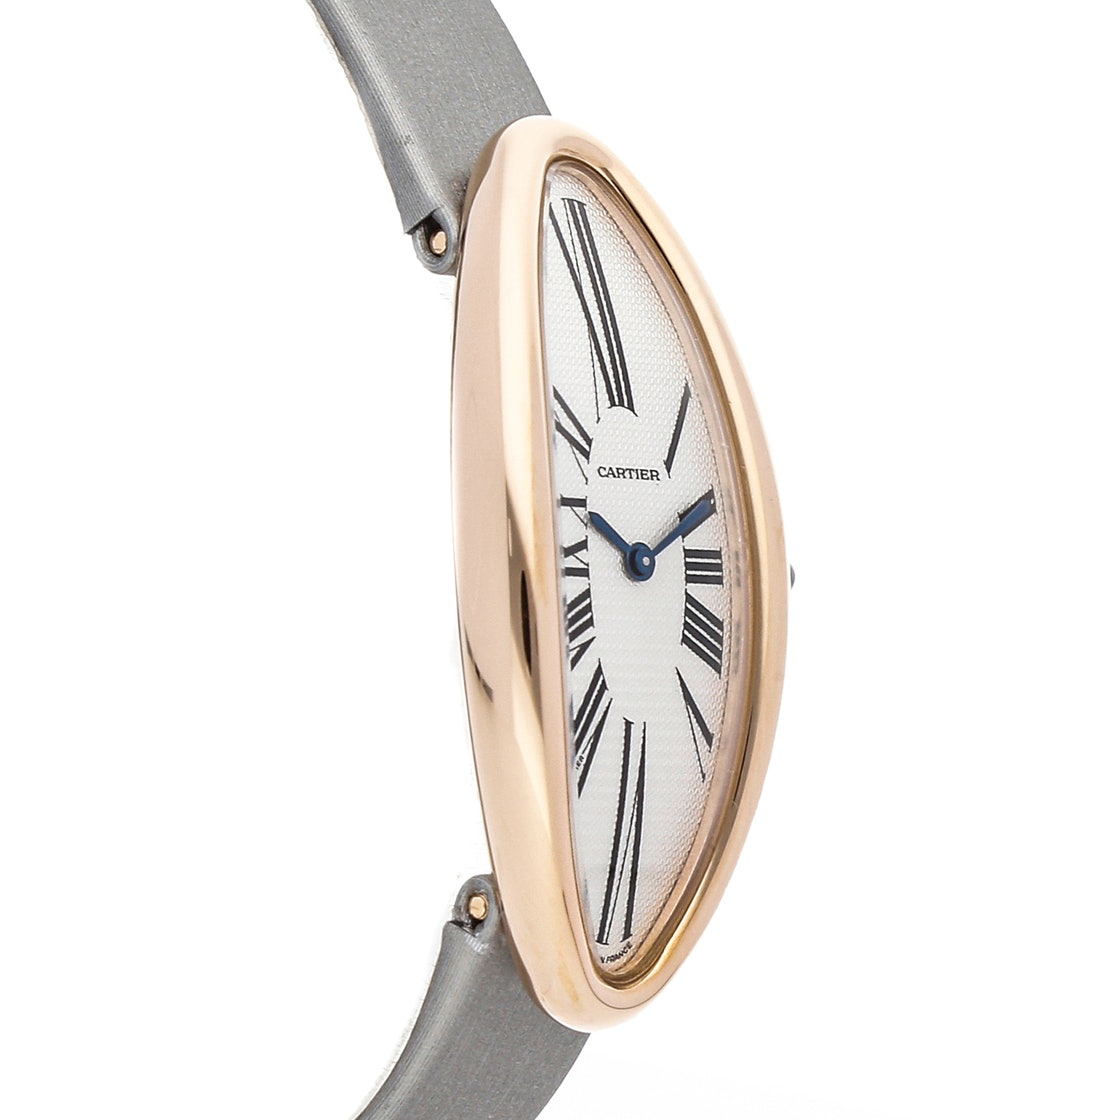 Cartier Baignoire Allongee Medium Model W1537836